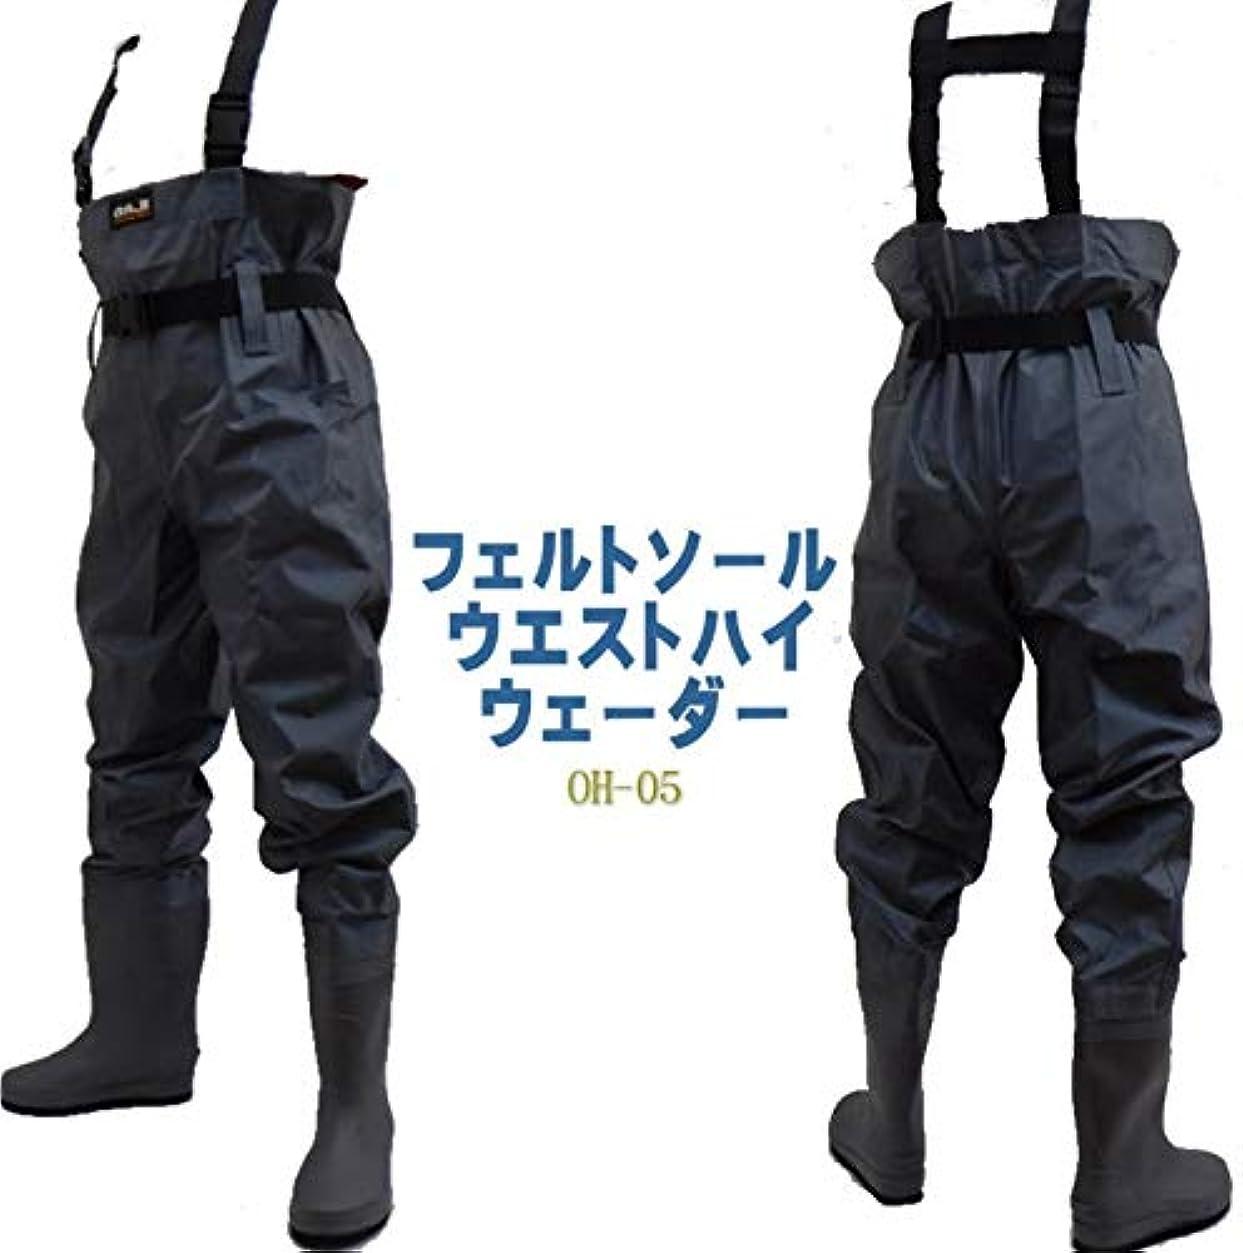 破滅的なお手伝いさん偶然のOH-05????????????